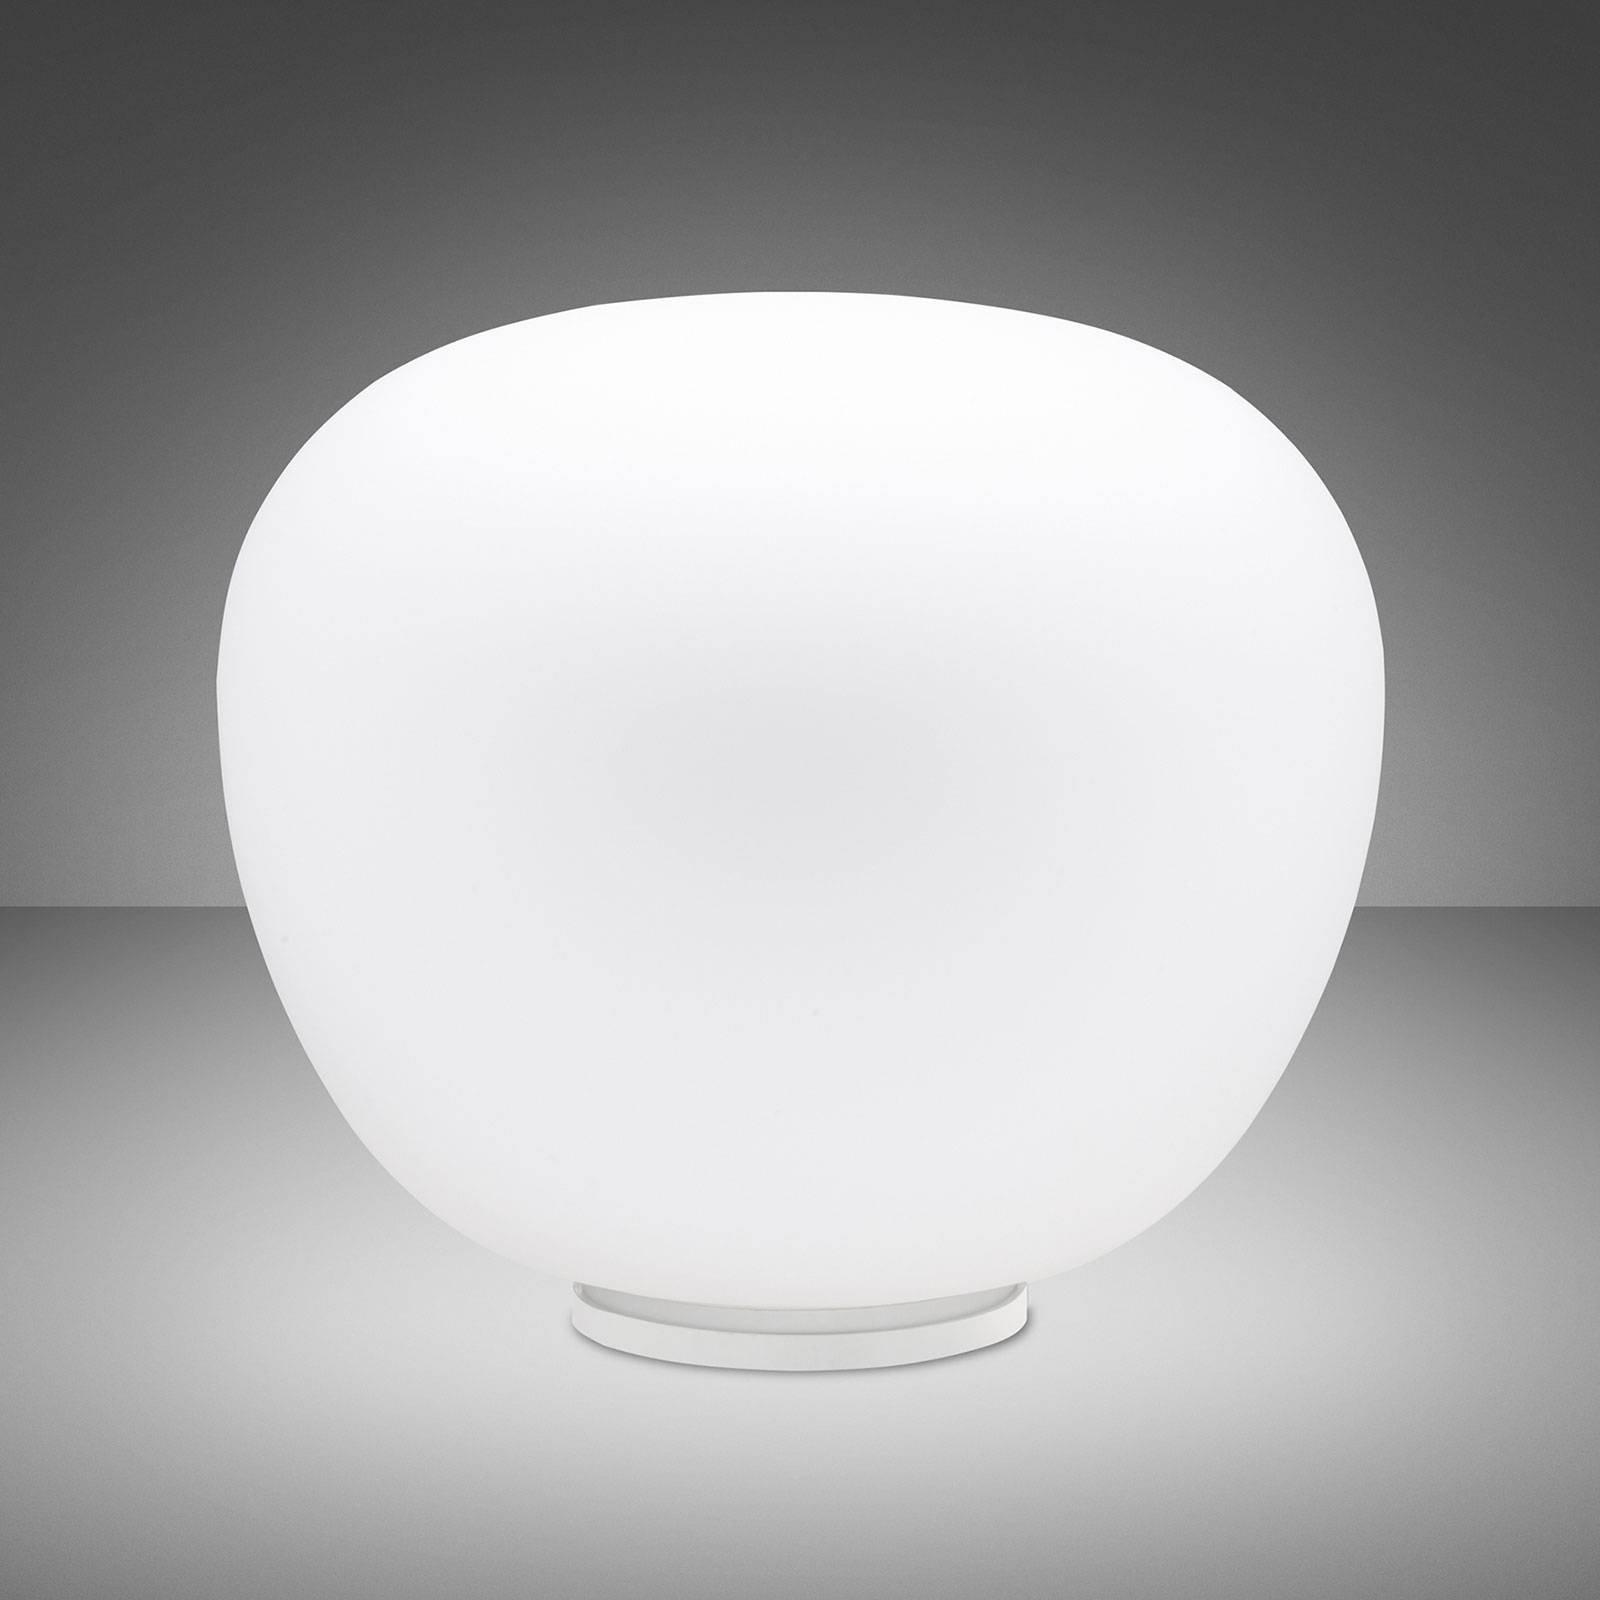 Fabbian Lumi Mochi bordlampe, liggende, Ø 45 cm